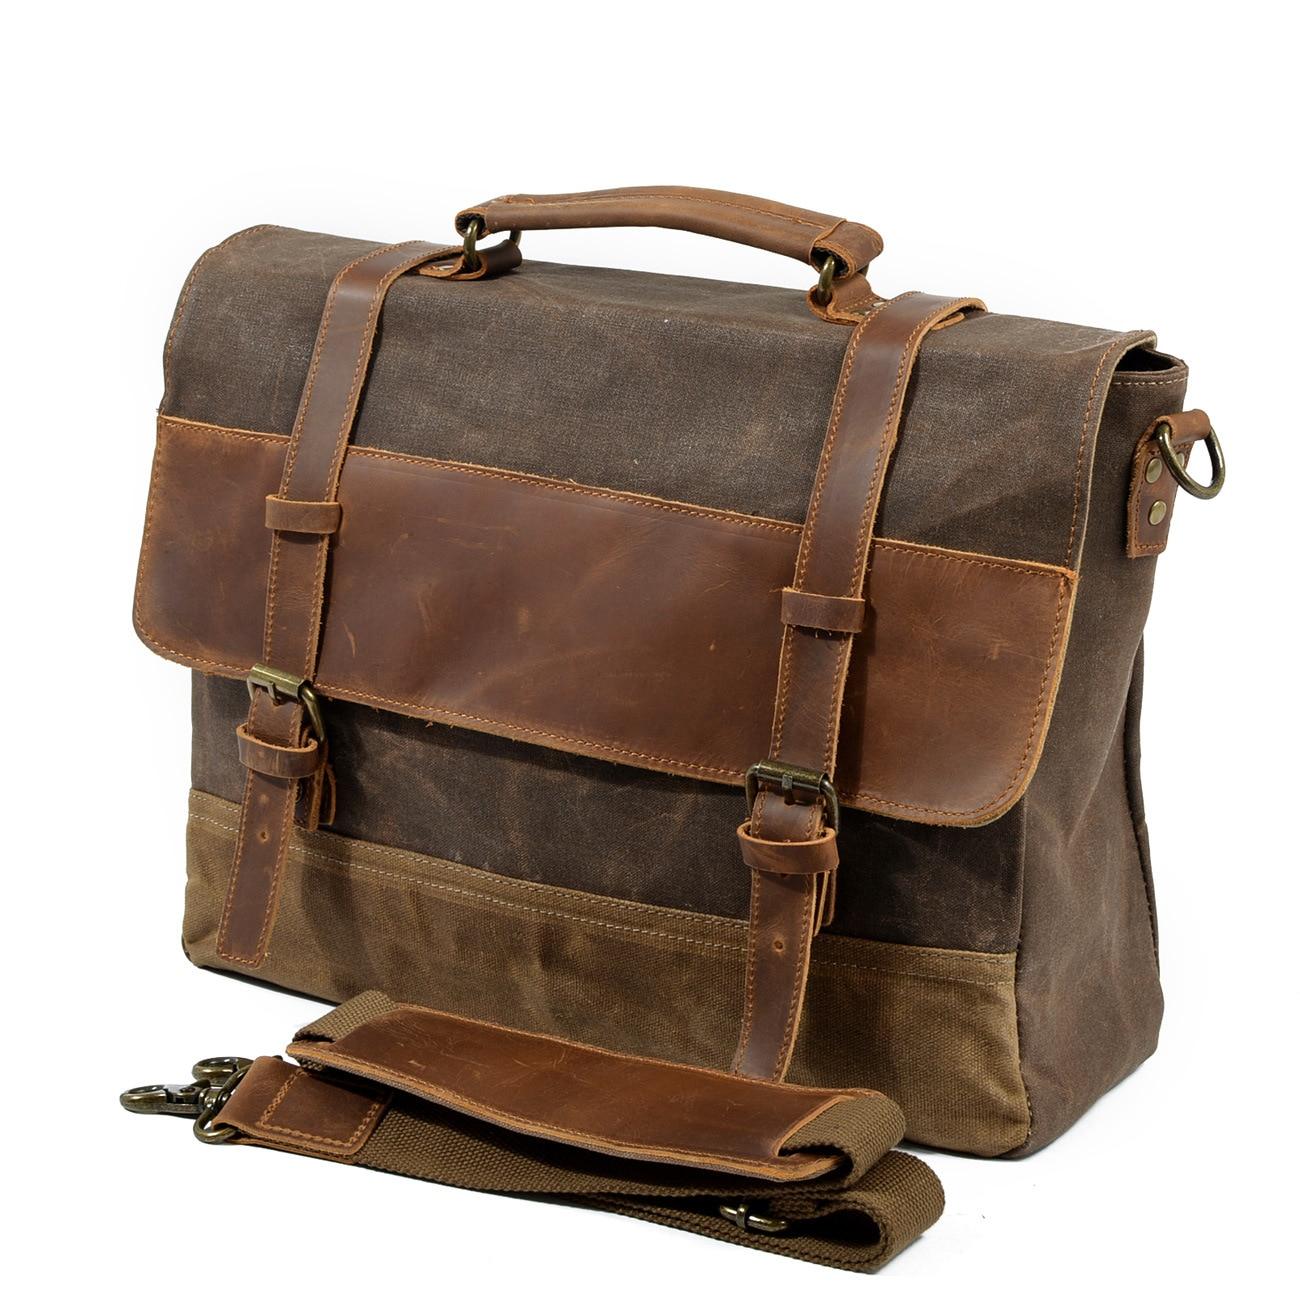 حقيبة جلدية مقاومة للماء للرجال ، حقيبة كتف للرجال مع شمع الزيت ، حقيبة أعمال ريترو ، حقيبة مرقعة محمولة ، مجموعة جديدة 2020